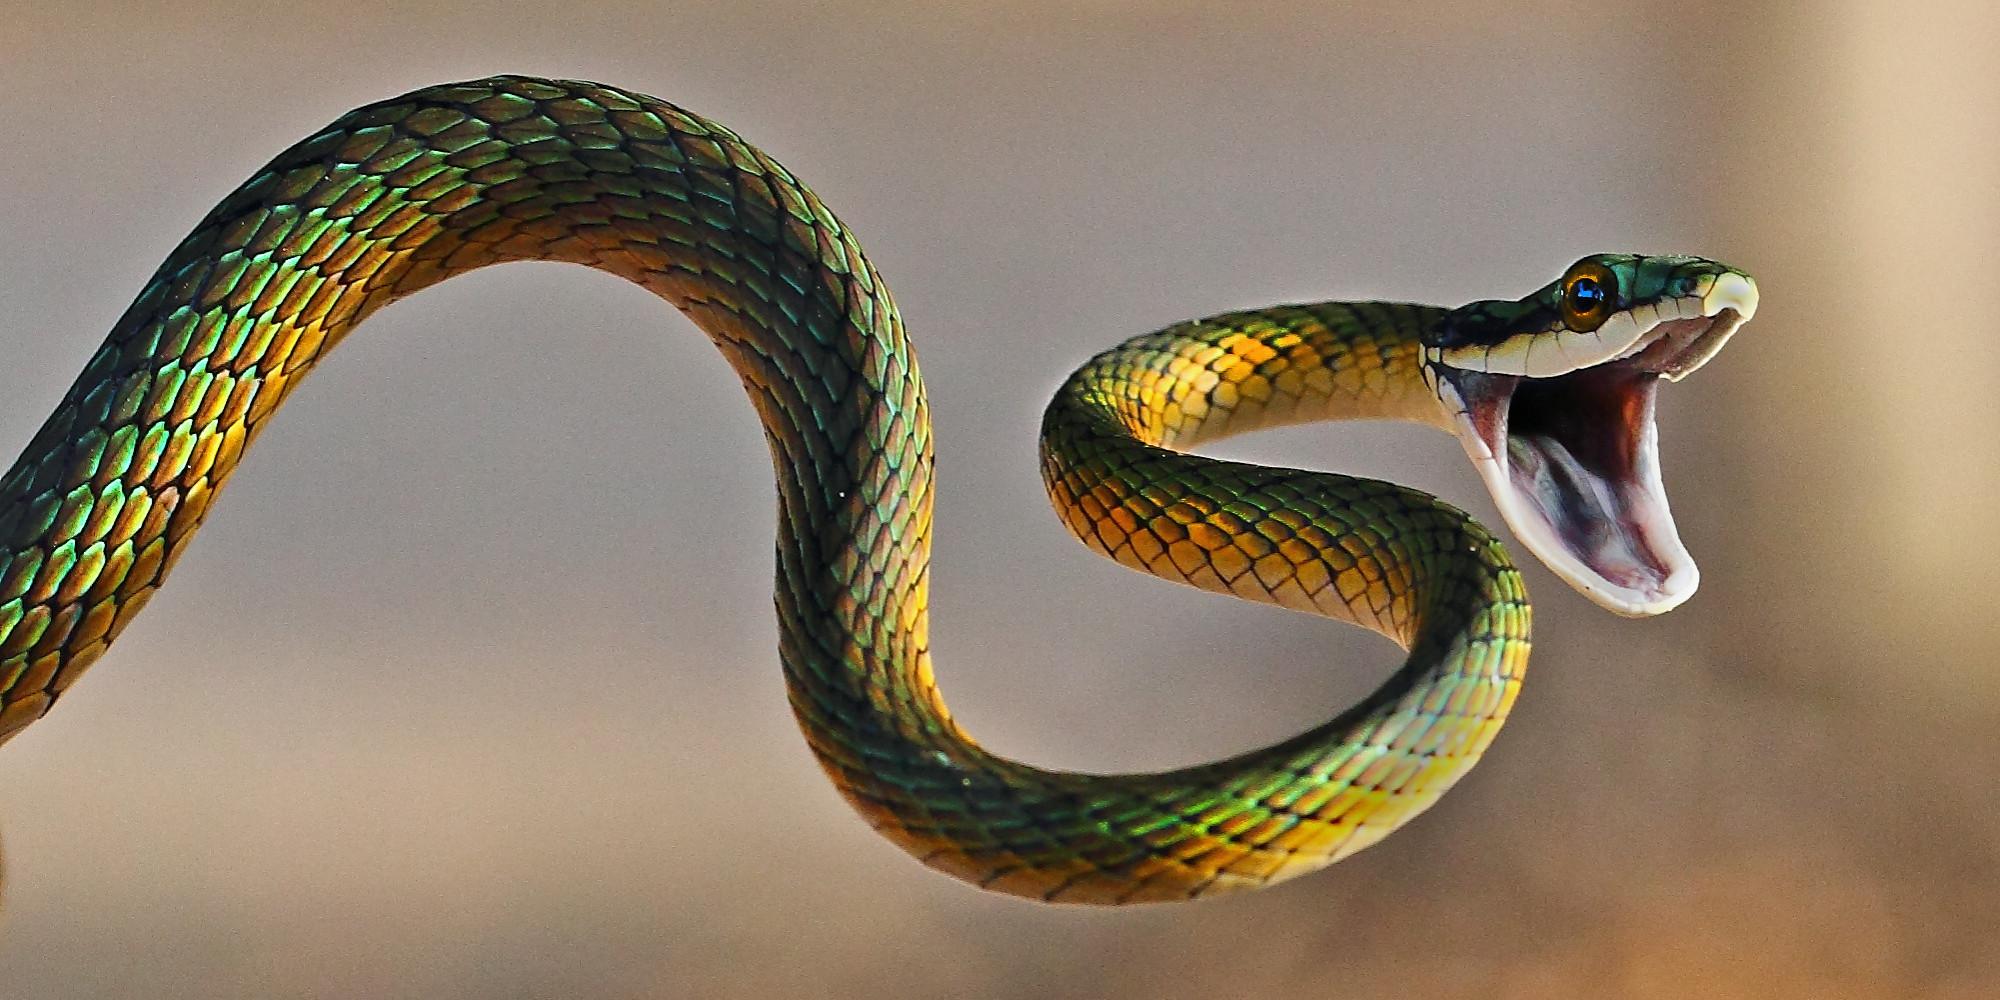 o-snakes-facebook.jpg